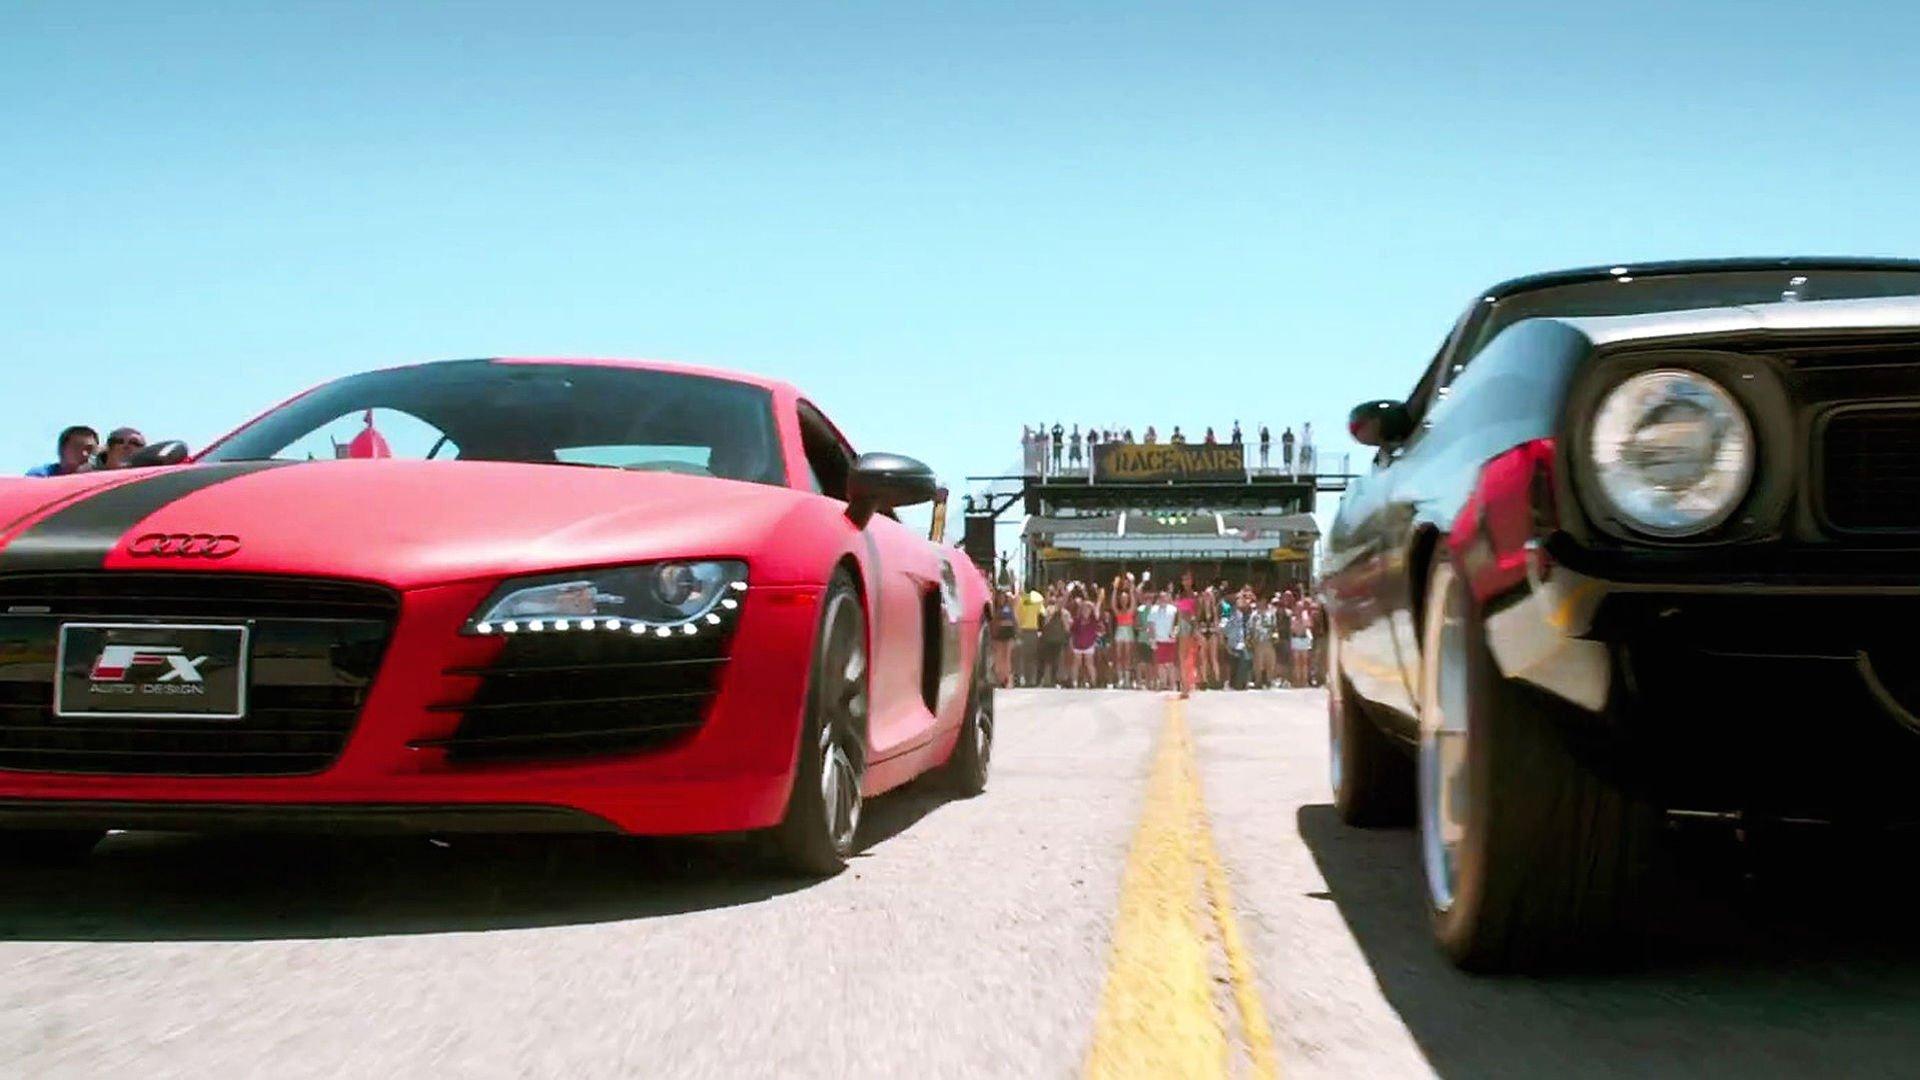 FURIOUS-7 Action Race Racing Crime Thriller Fast Furious